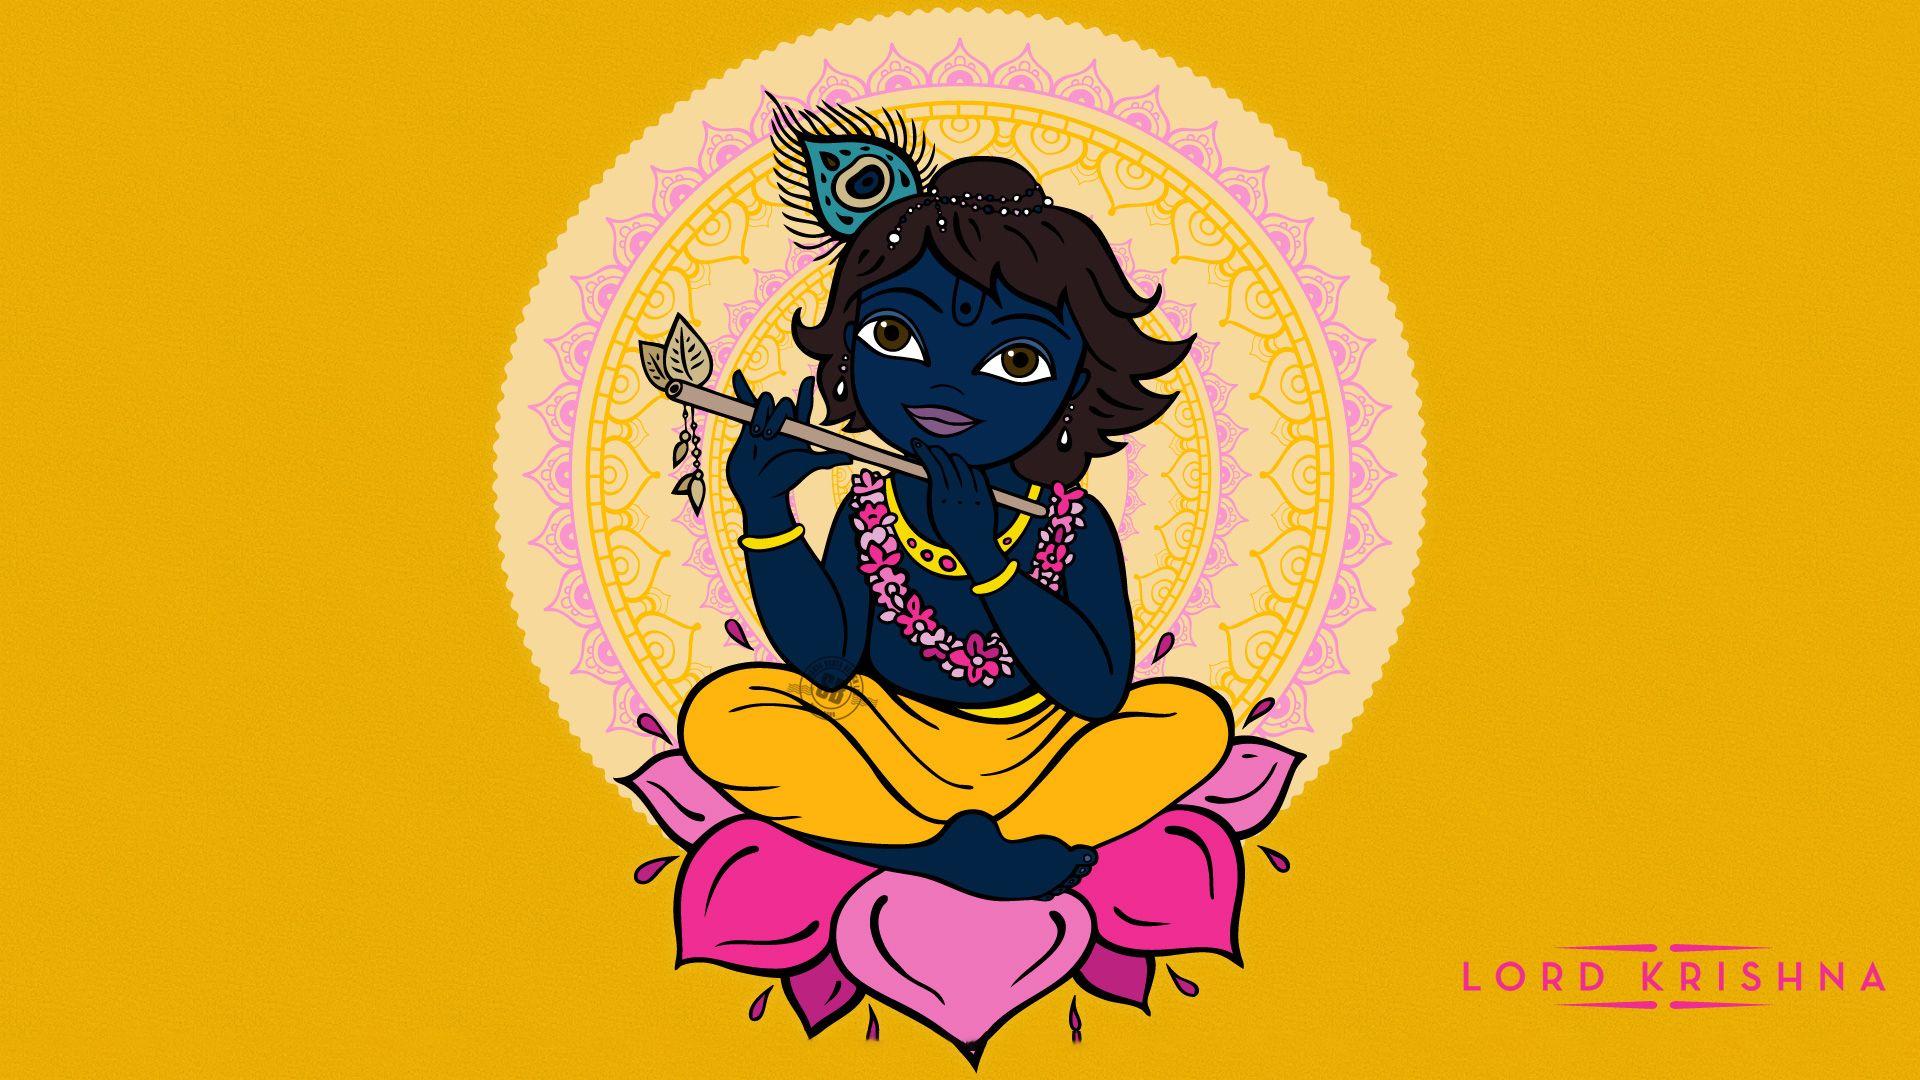 Krishna Wallpaper Full Hd 1080p Lord Krishna Wallpapers Lord Krishna Krishna Wallpaper